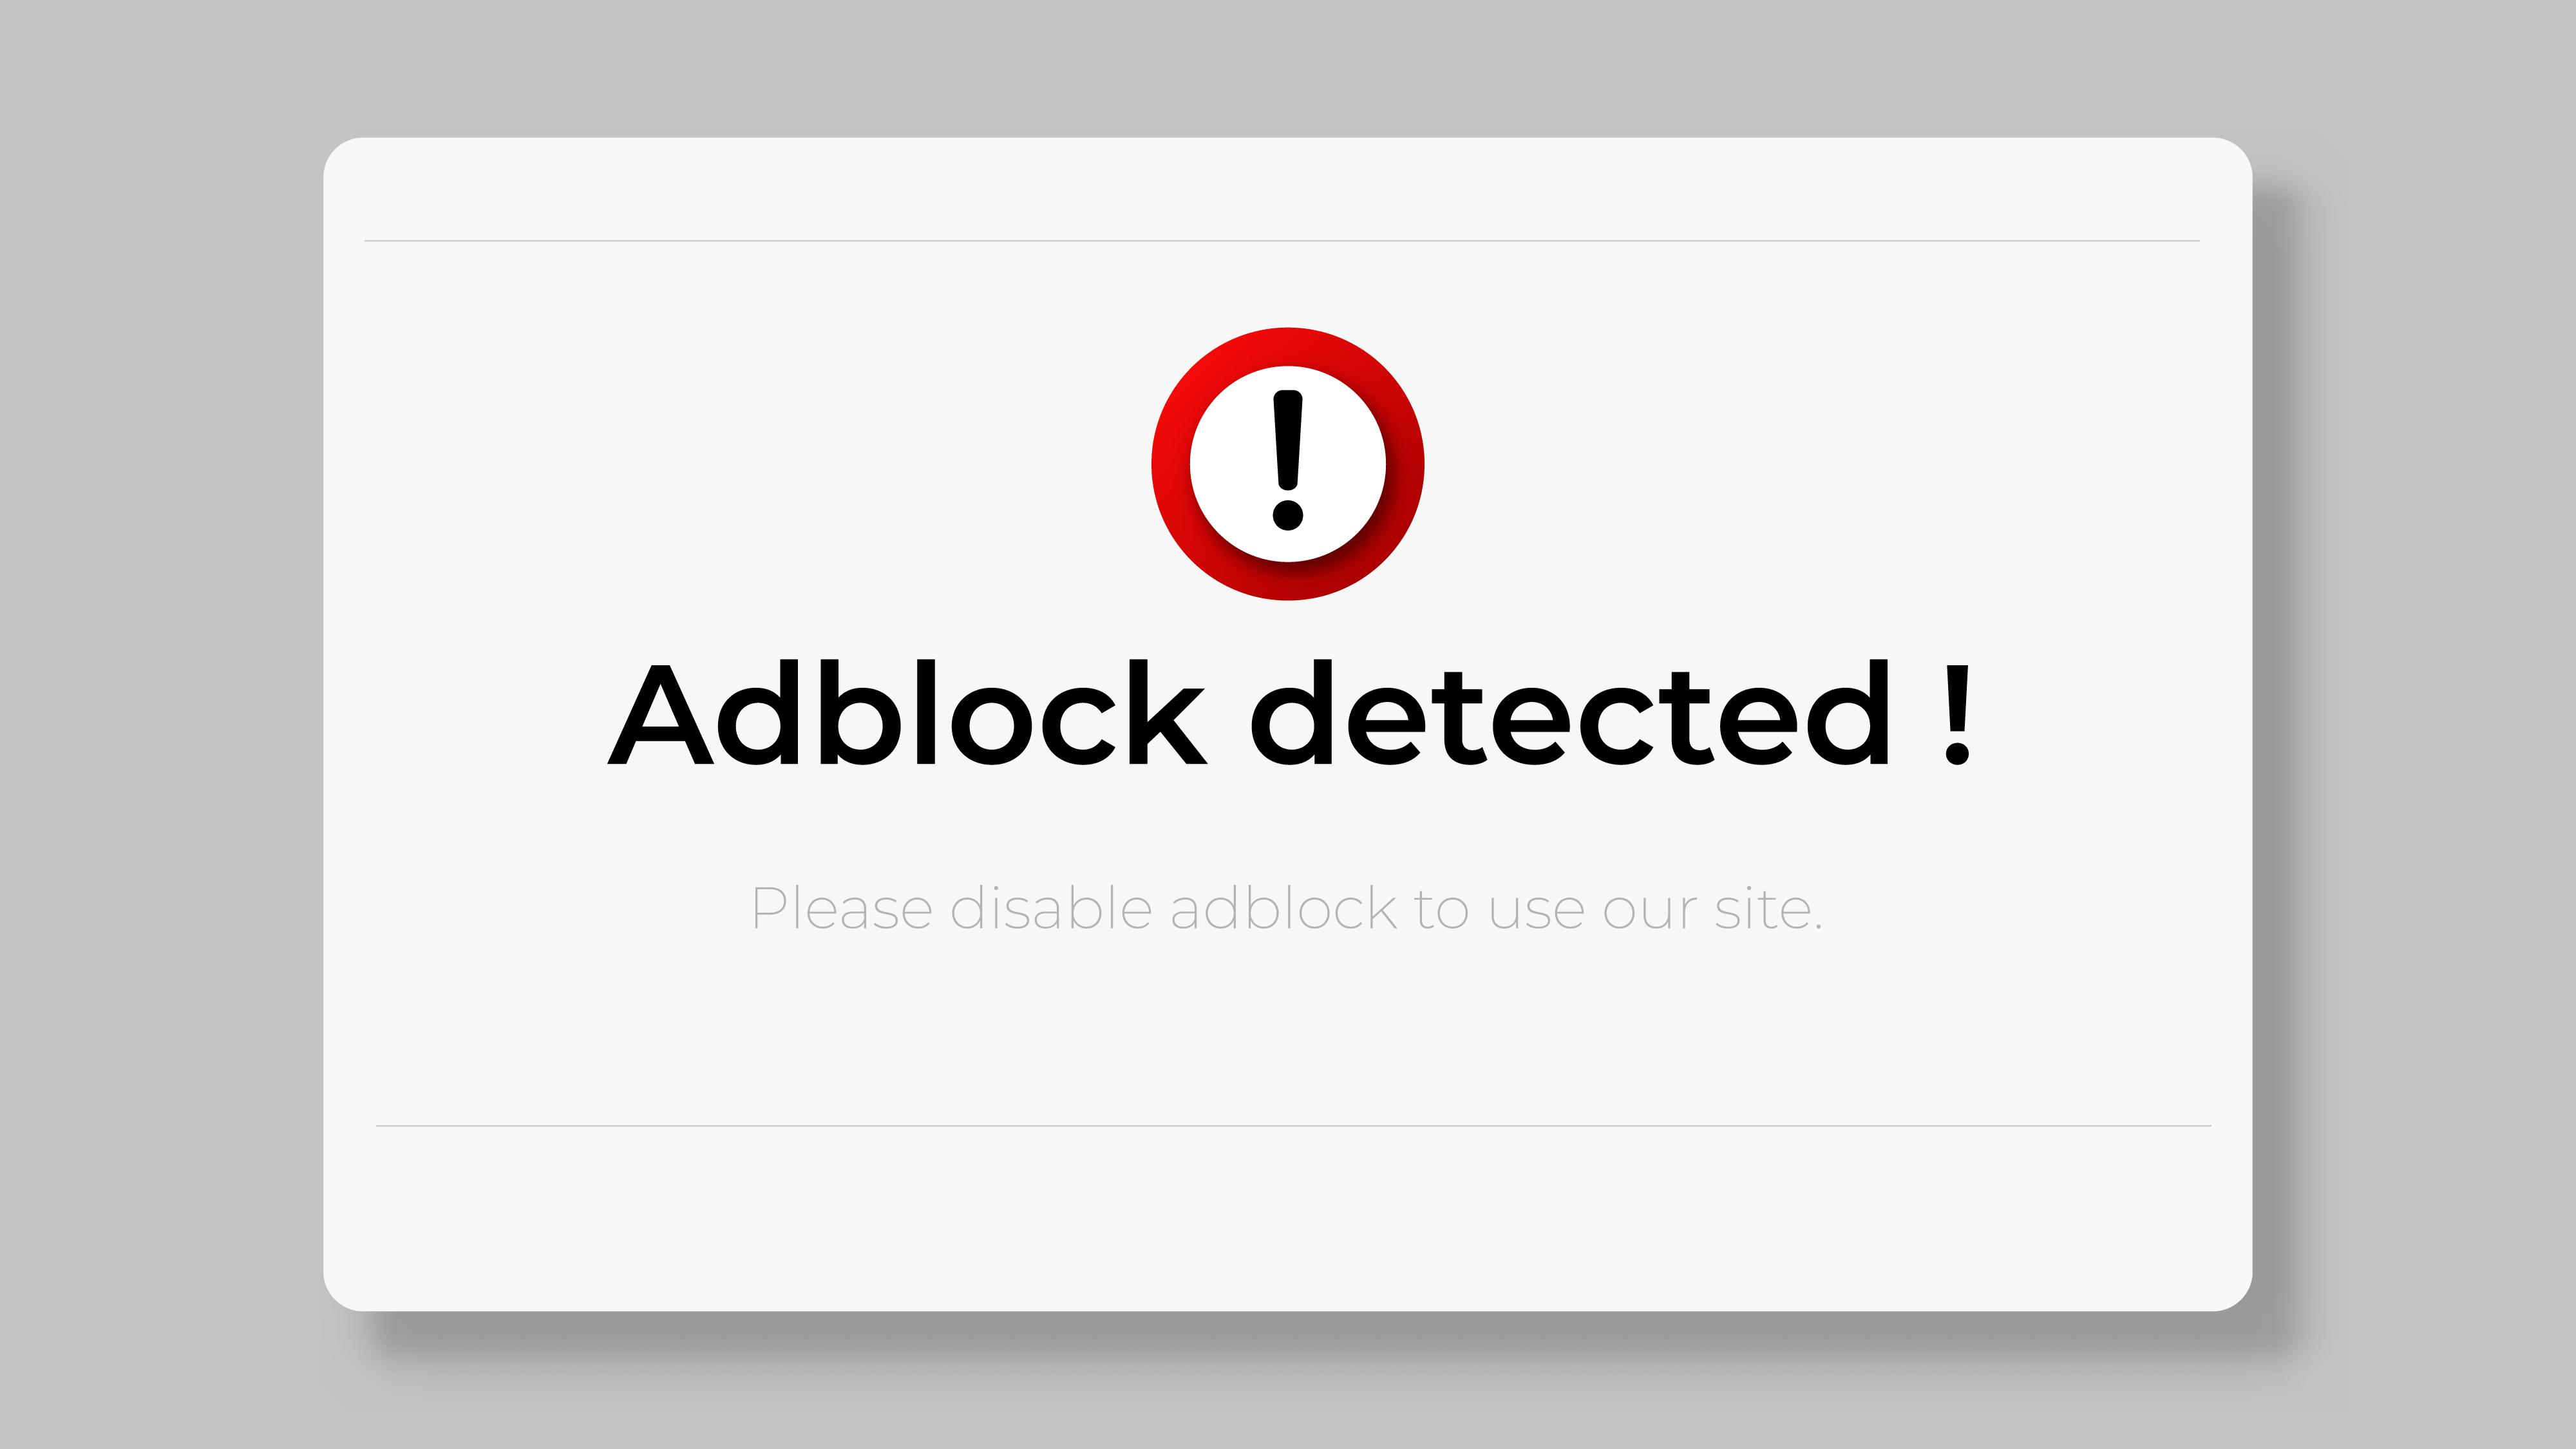 Adblock Detected